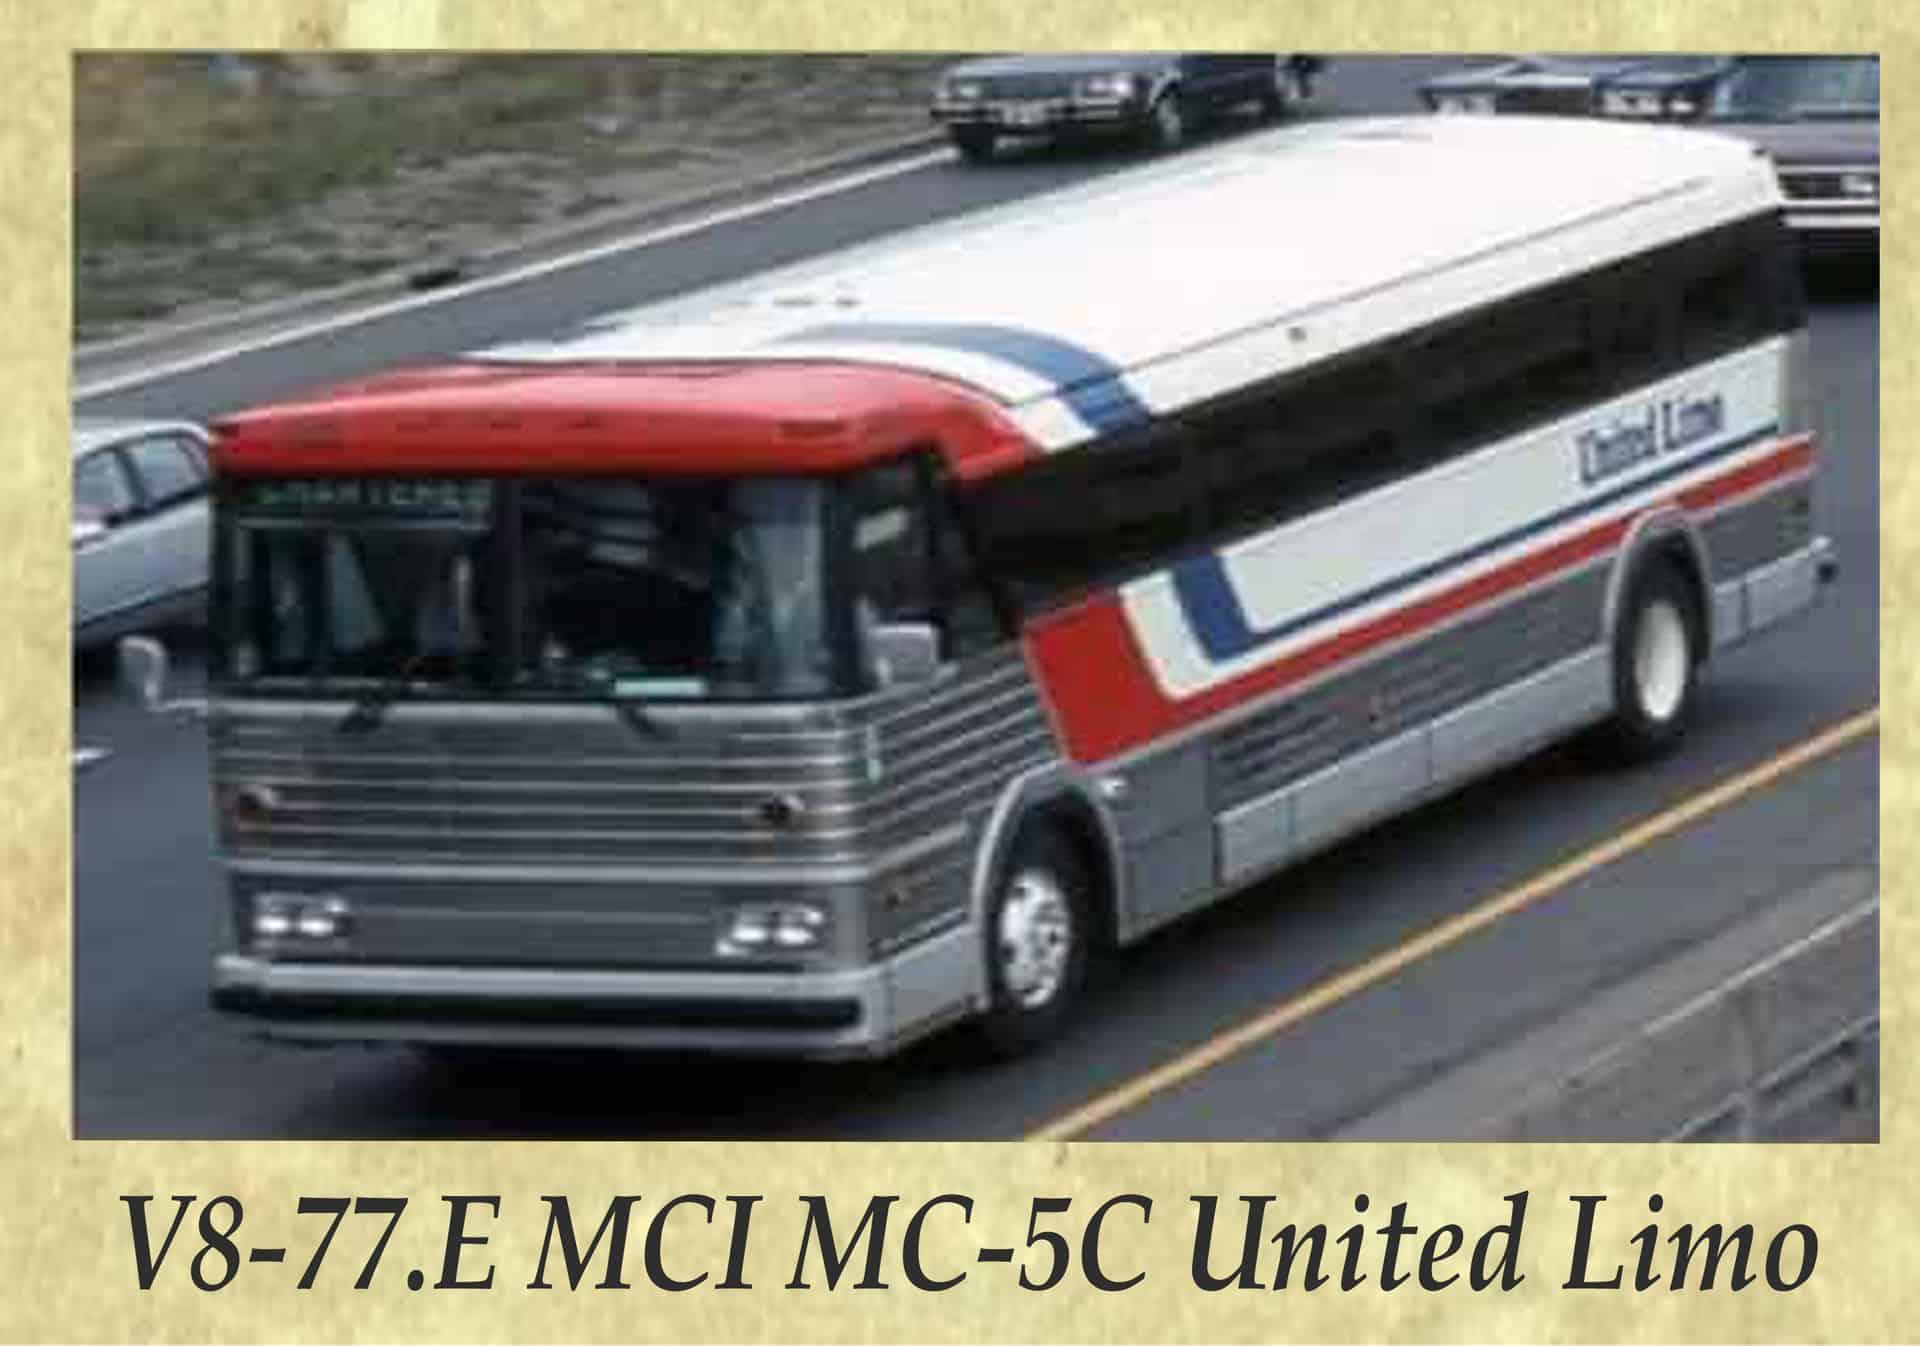 V8-77.E MCI MC-5C United Limo